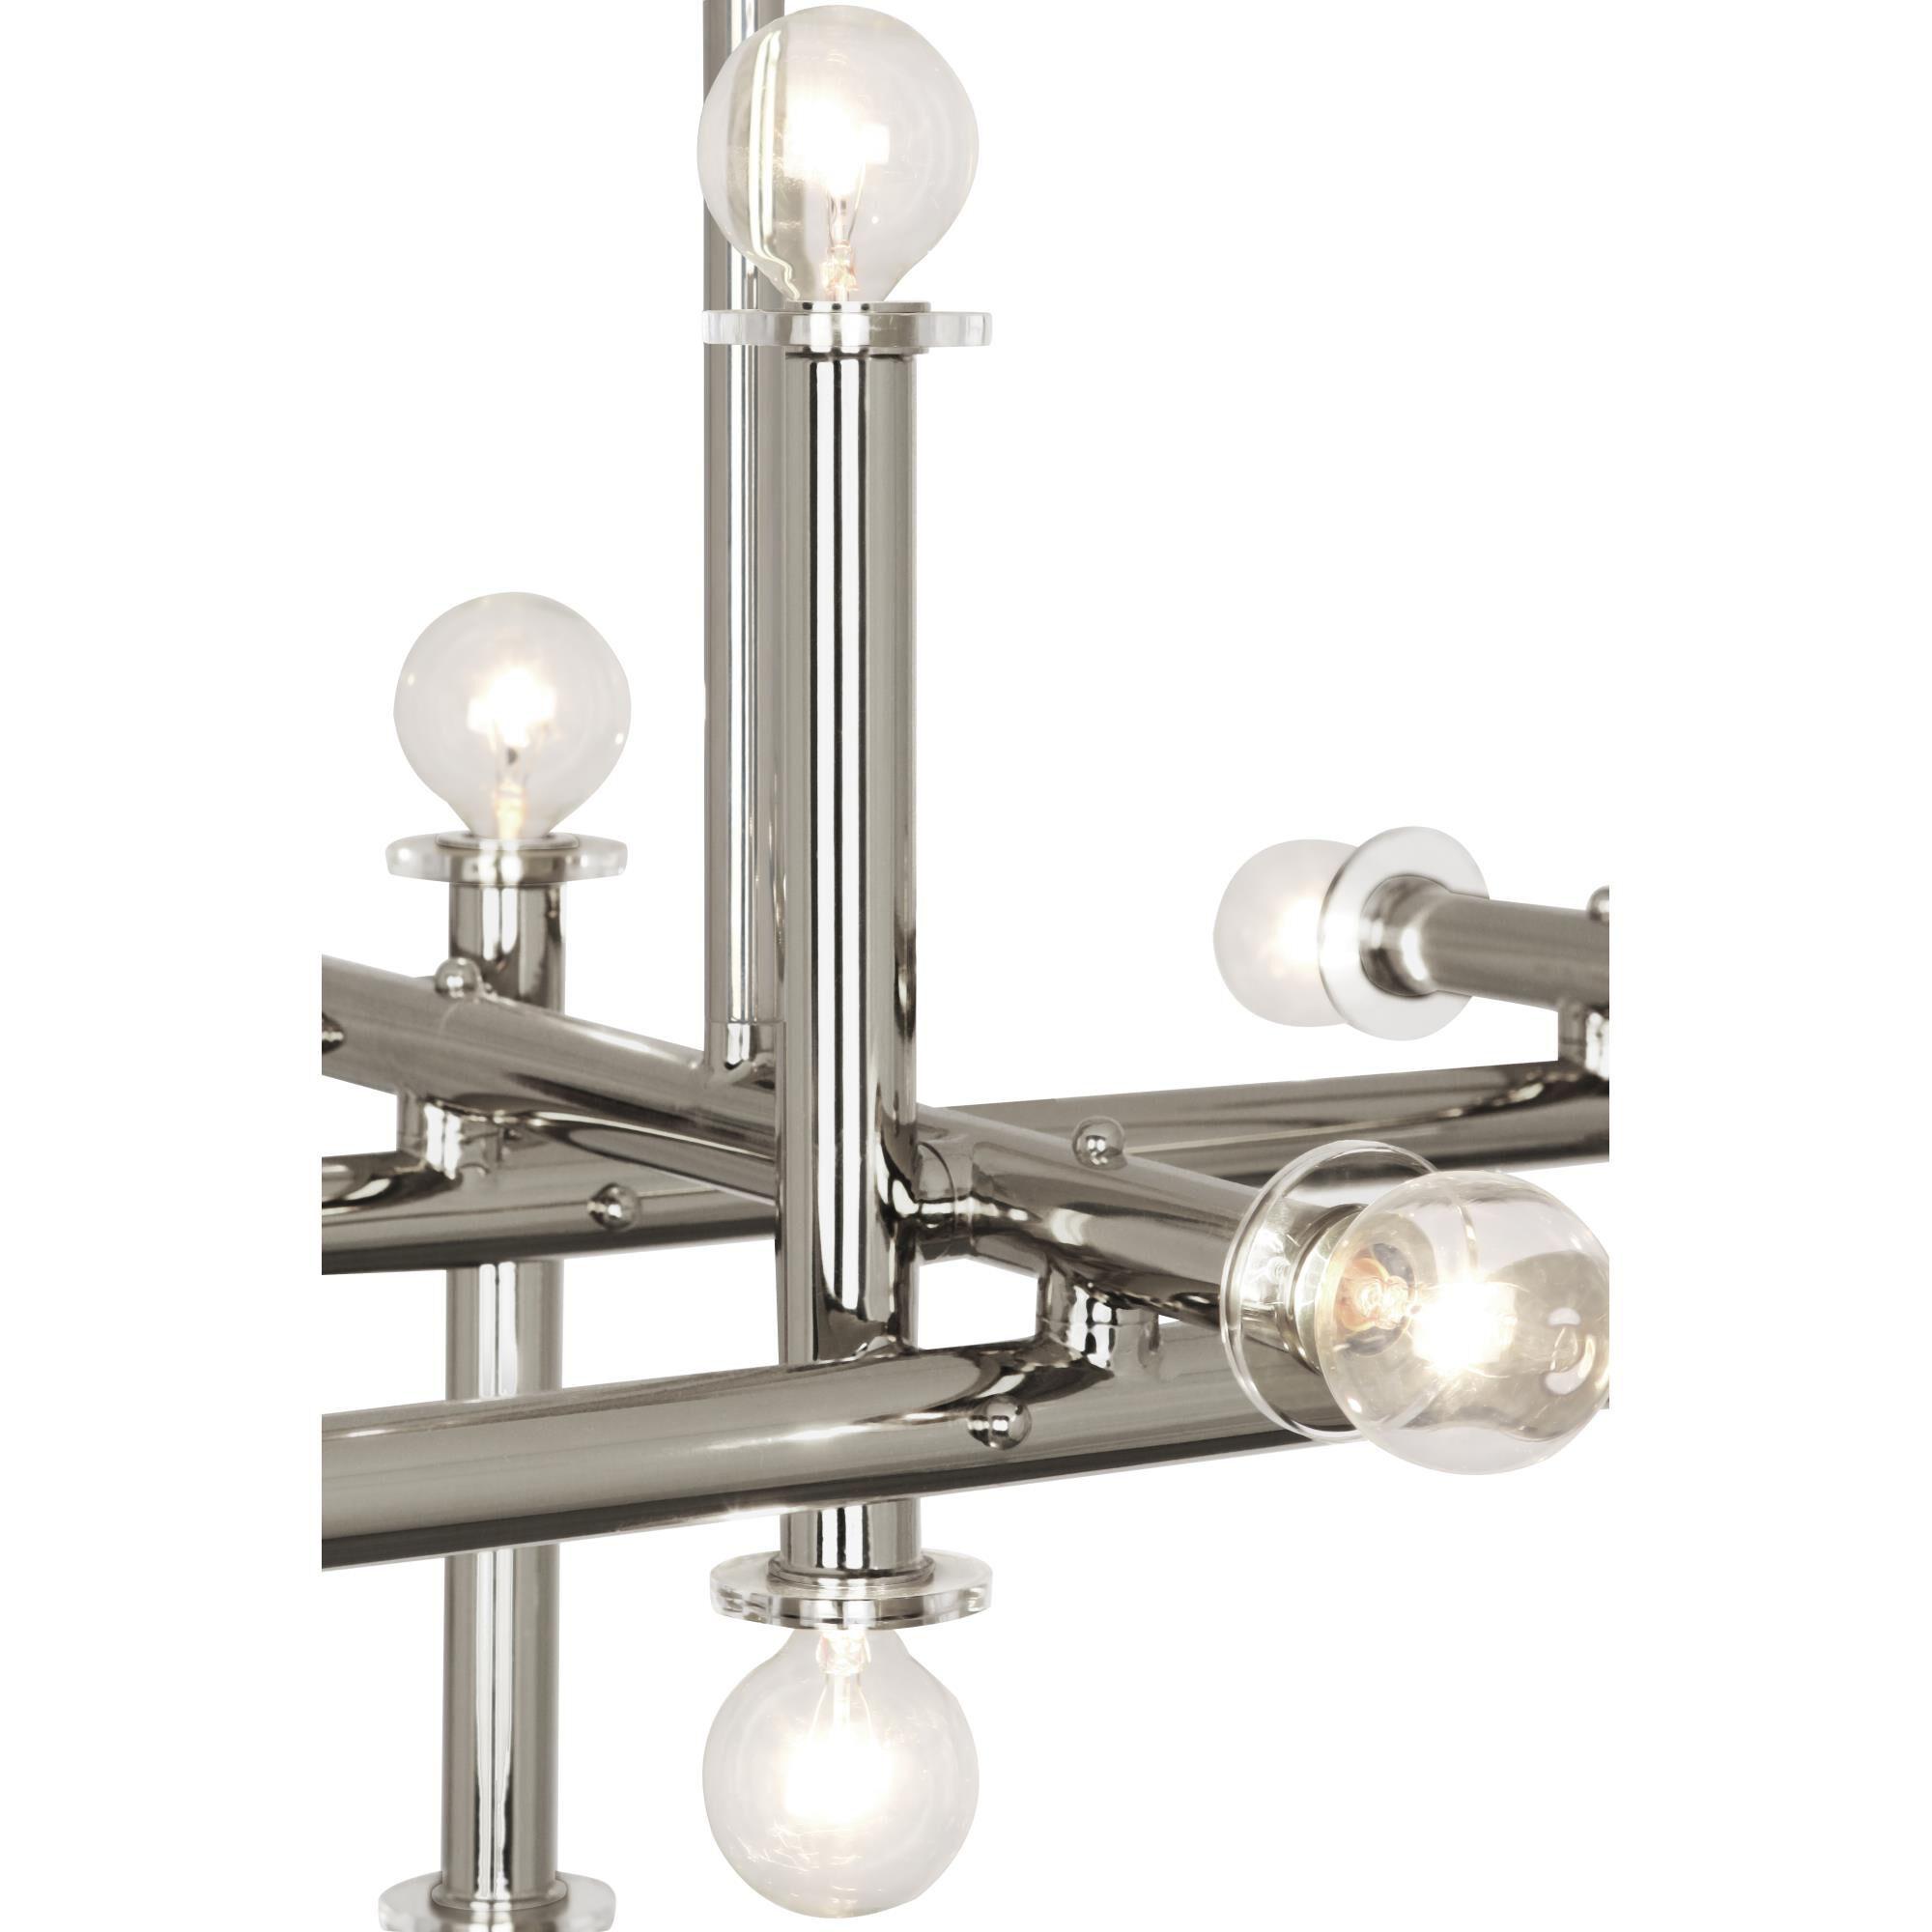 Jonathan Adler Milano 48 Inch 16 Light Linear Suspension Light by Robert Abbey Milano Linear Suspension Light by Robert Abbey - S803